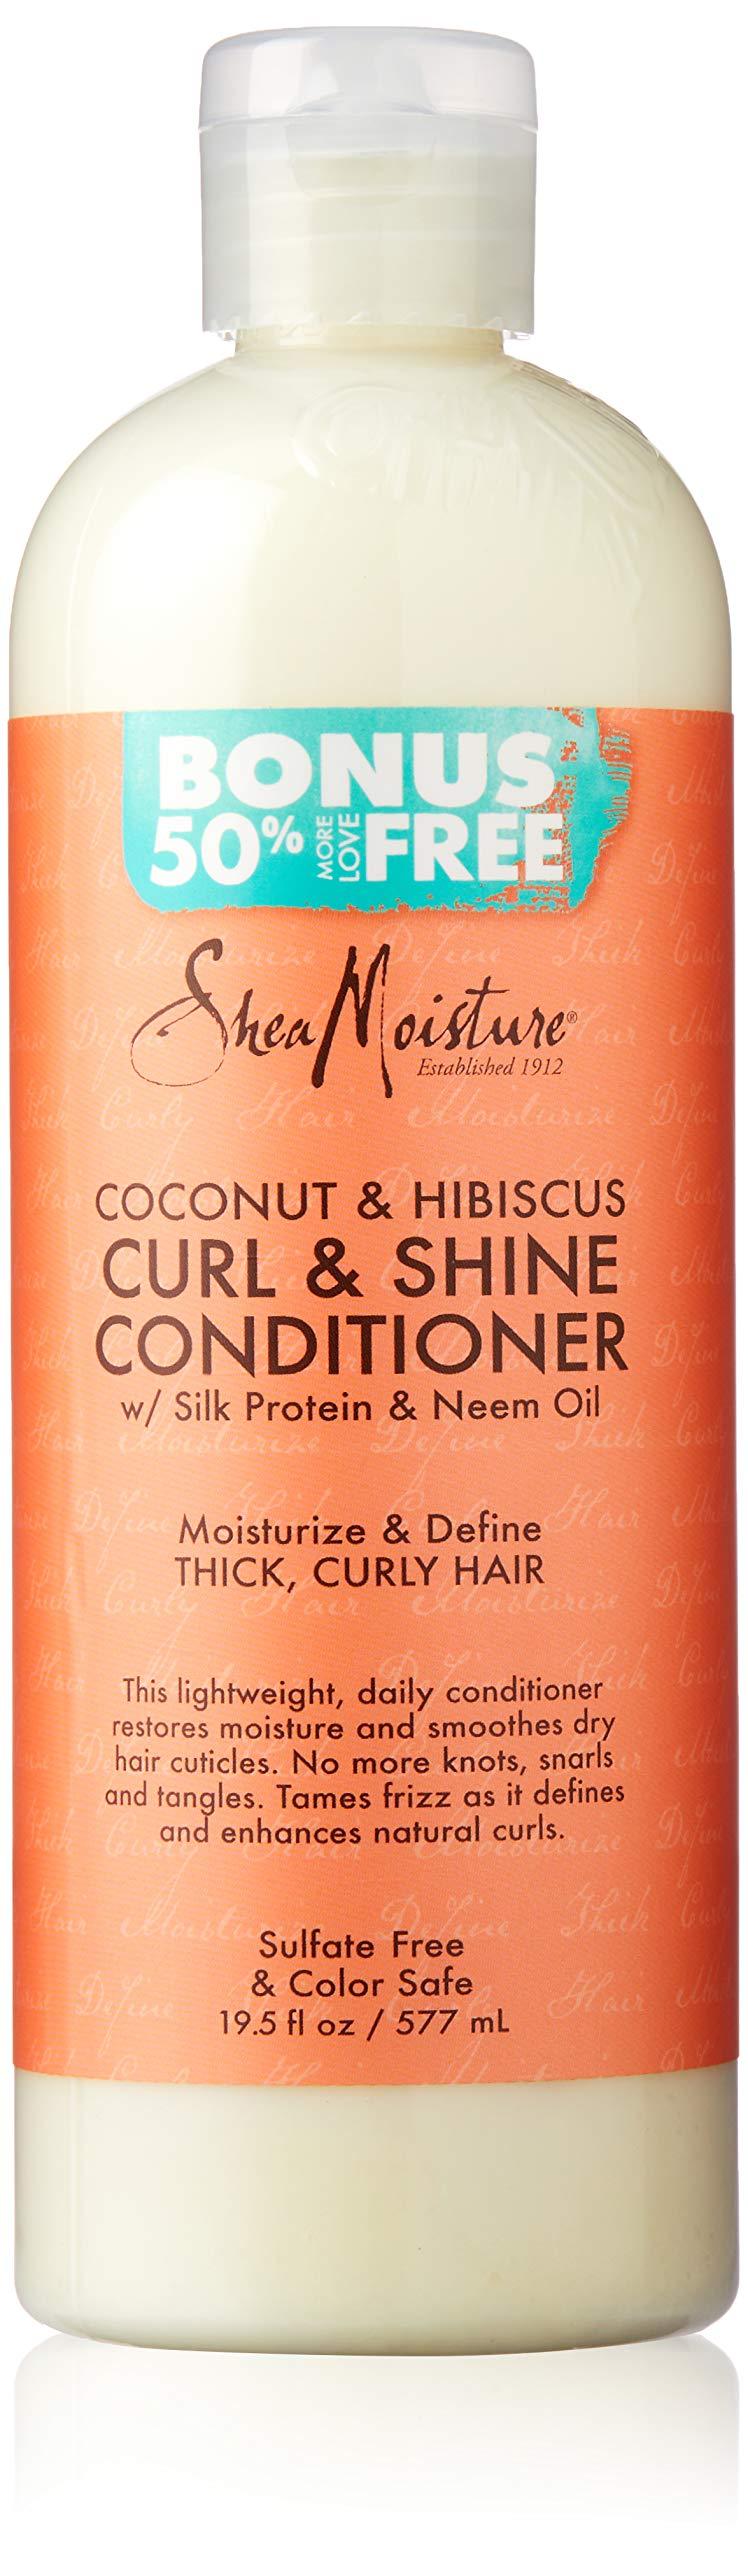 Shea Moisture Coconut & Hibiscus Curl & Shine Conditioner, 19.5 Fl Oz